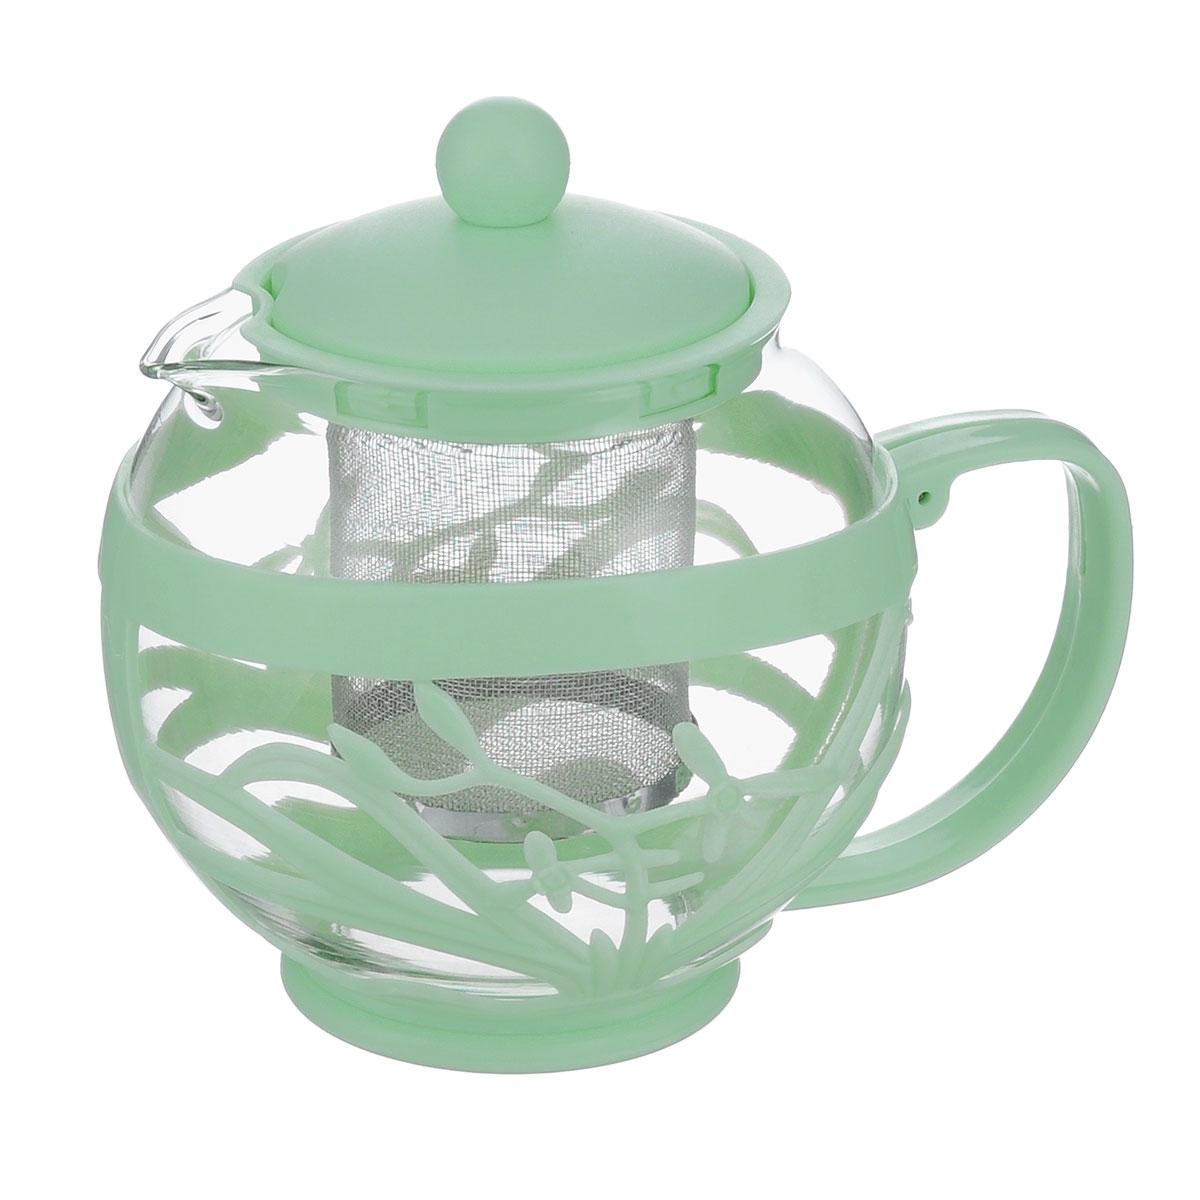 Чайник заварочный Menu Мелисса, с фильтром, цвет: прозрачный, зеленый, 750 млMLS-75_зелЧайник Menu Мелисса изготовлен из прочного стекла и пластика. Он прекрасно подойдет для заваривания чая и травяных напитков. Классический стиль и оптимальный объем делают его удобным и оригинальным аксессуаром. Изделие имеет удлиненный металлический фильтр, который обеспечивает высокое качество фильтрации напитка и позволяет заварить чай даже при небольшом уровне воды. Ручка чайника не нагревается и обеспечивает безопасность использования. Нельзя мыть в посудомоечной машине. Диаметр чайника (по верхнему краю): 8 см. Высота чайника (без учета крышки): 11 см. Размер фильтра: 6 х 6 х 7,2 см.